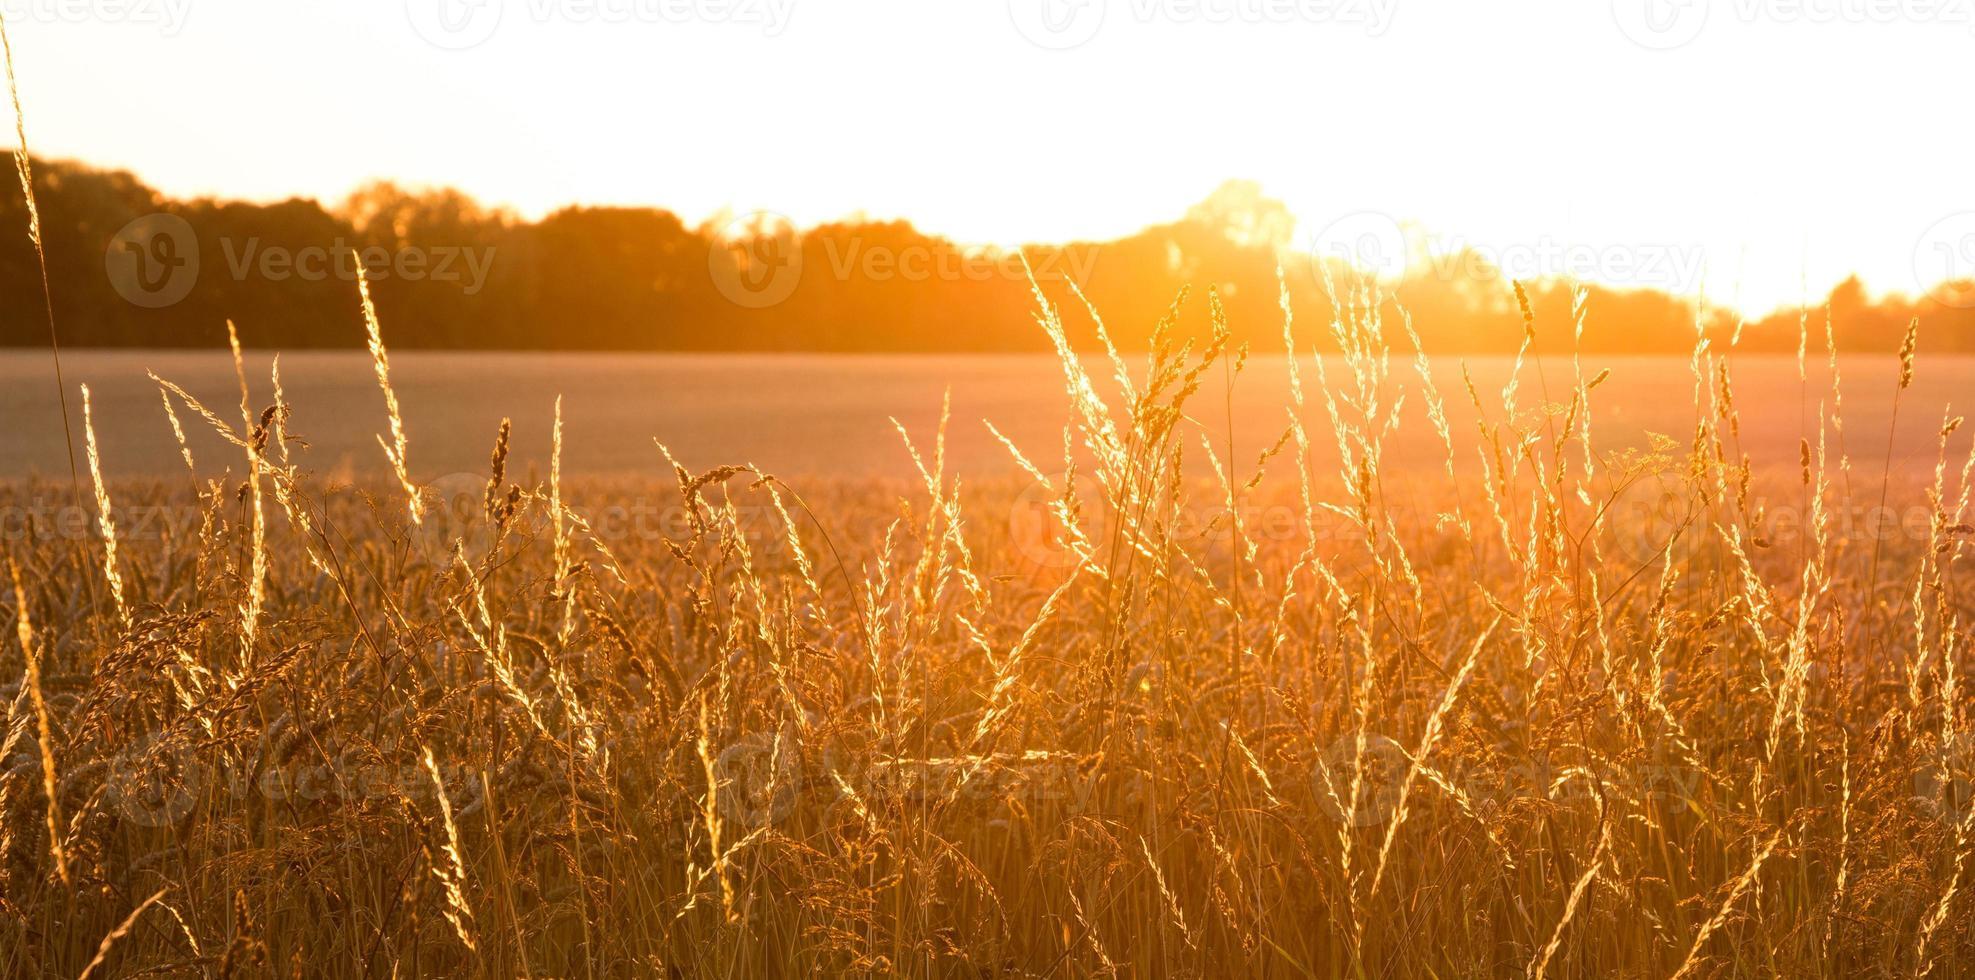 campo de trigo dorado con panorama de rayos de sol foto